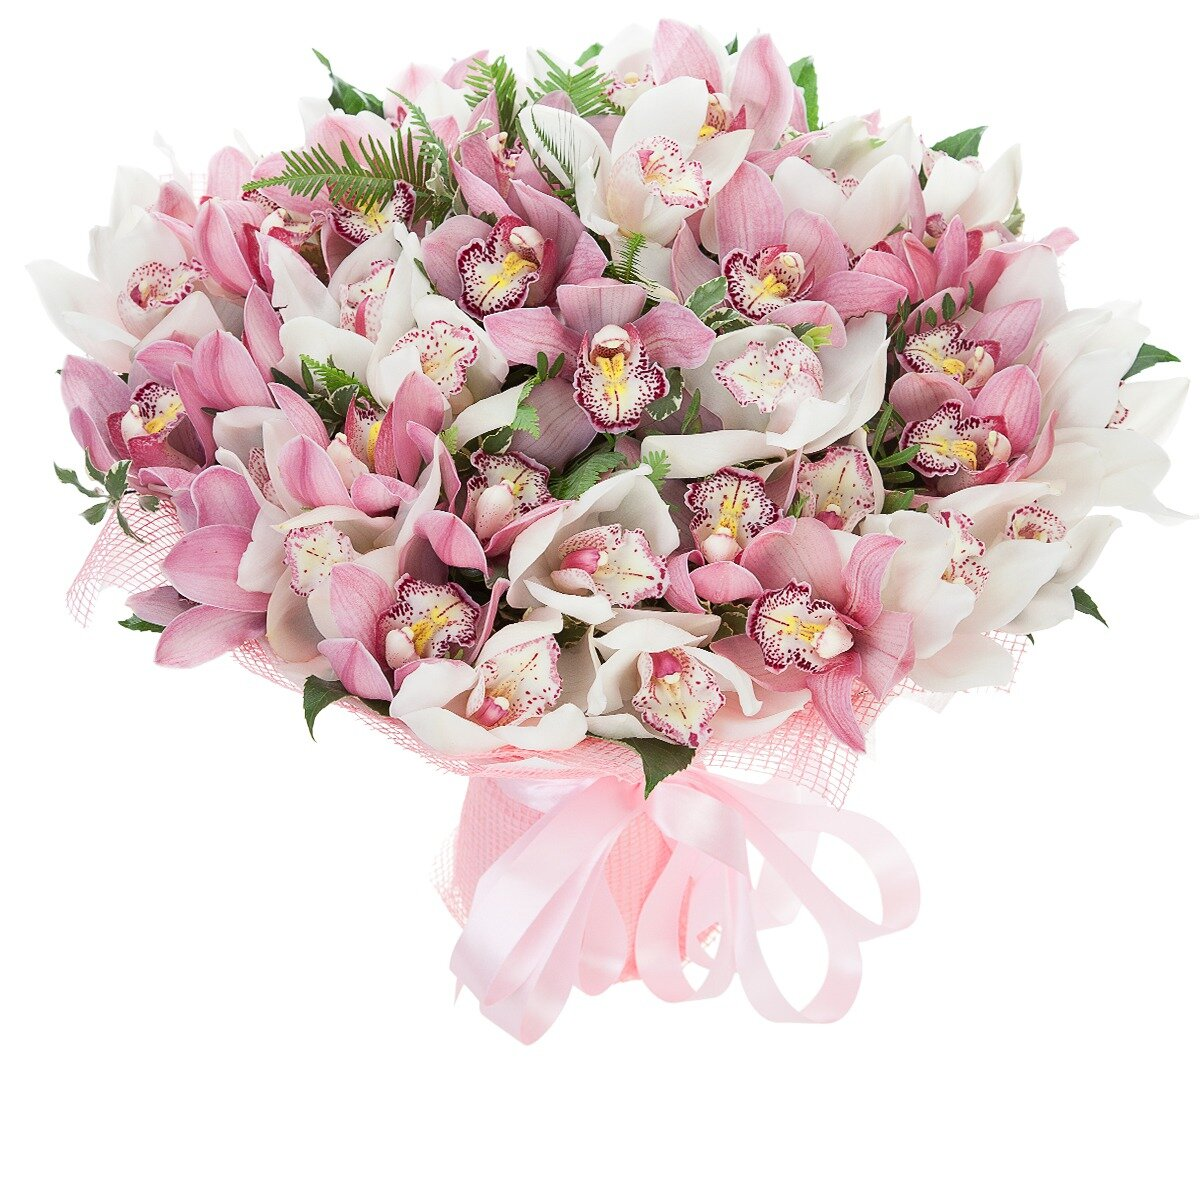 Купить букет орхидей в калининграде, маргаритки